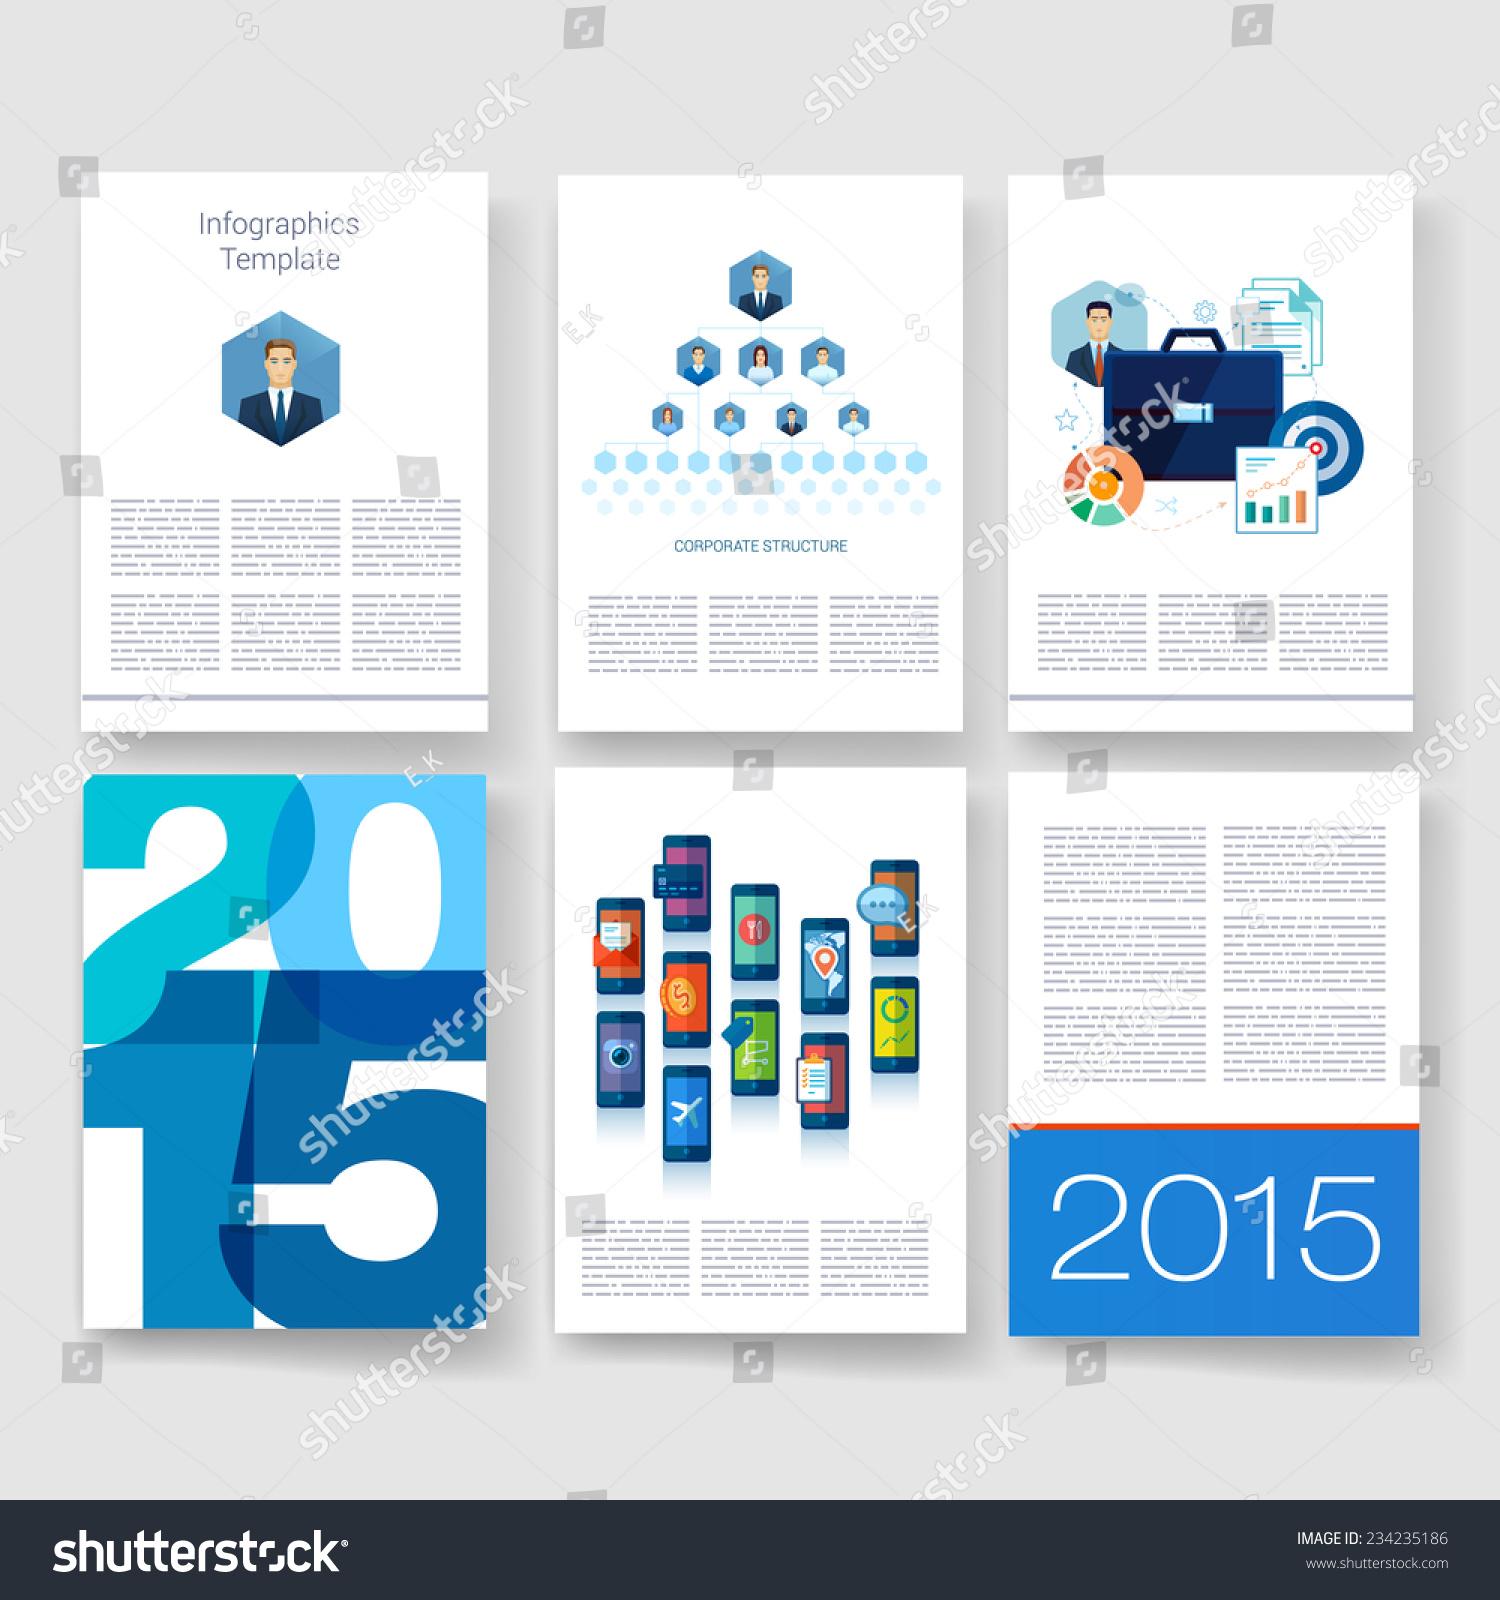 矢量小册子设计模板.应用和信息图表的概念.传单,小.